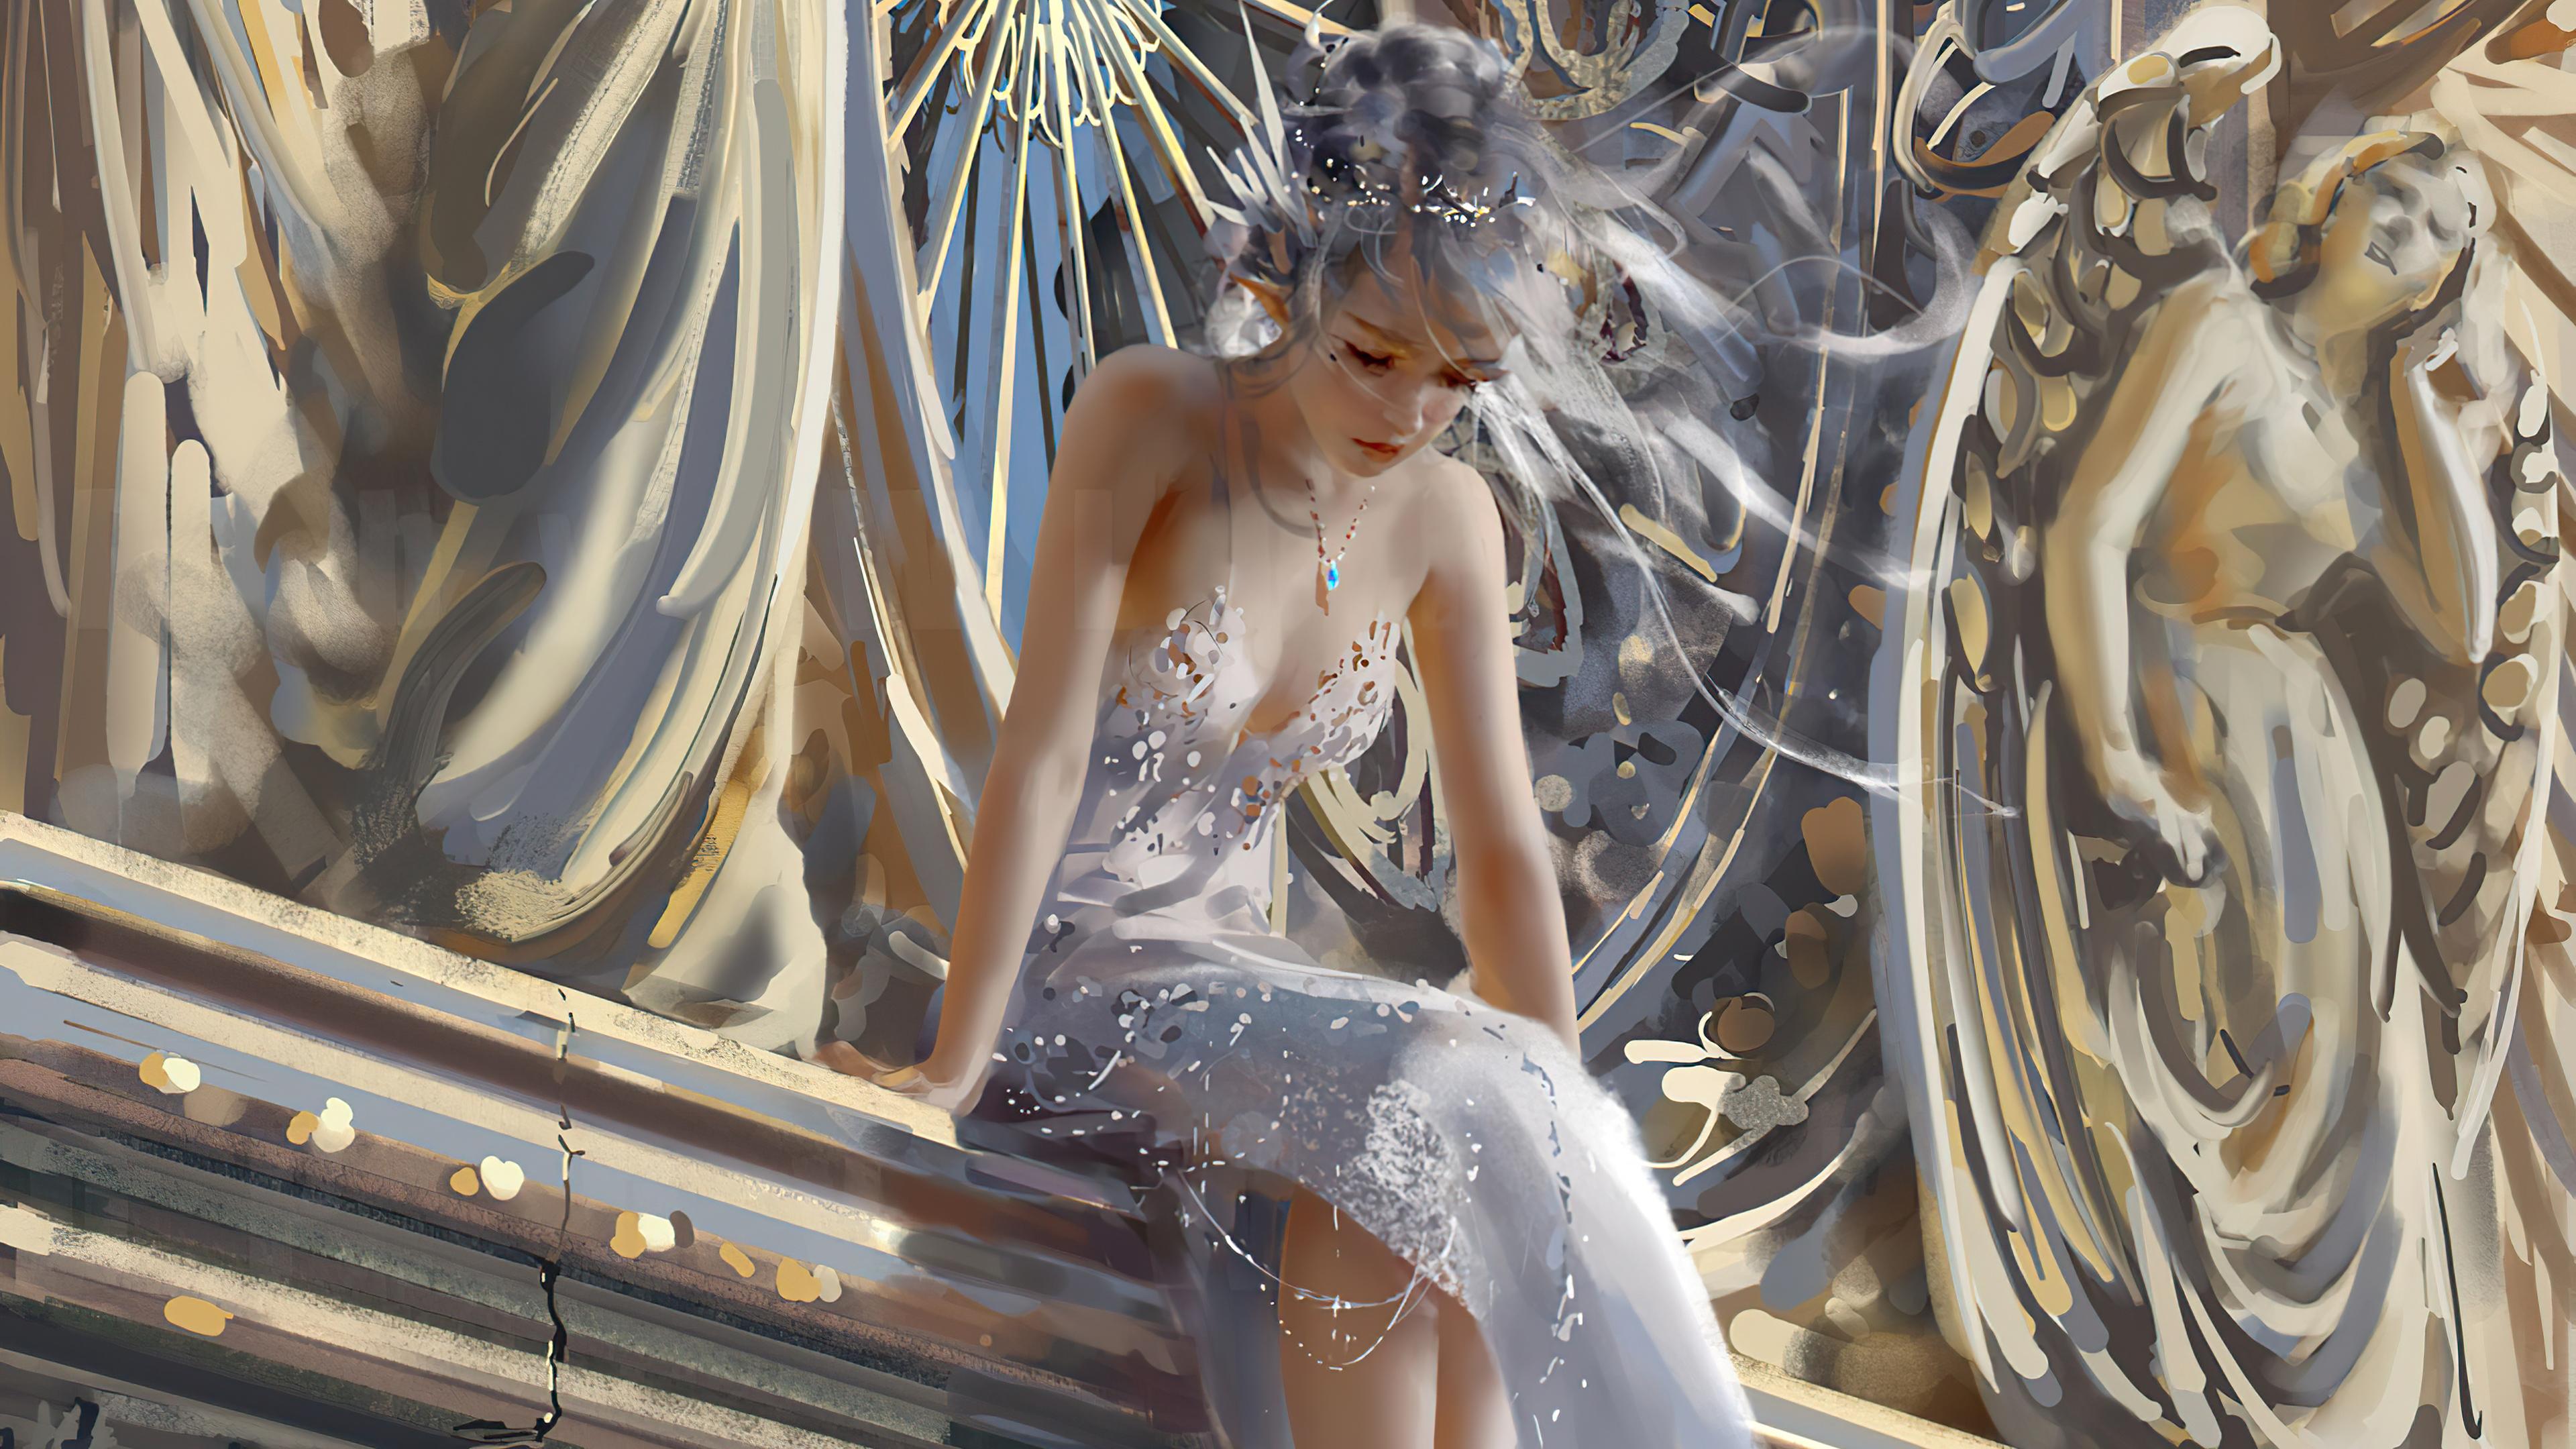 beautiful queen 4k 1618130550 - Beautiful Queen 4k - Beautiful Queen 4k wallpapers